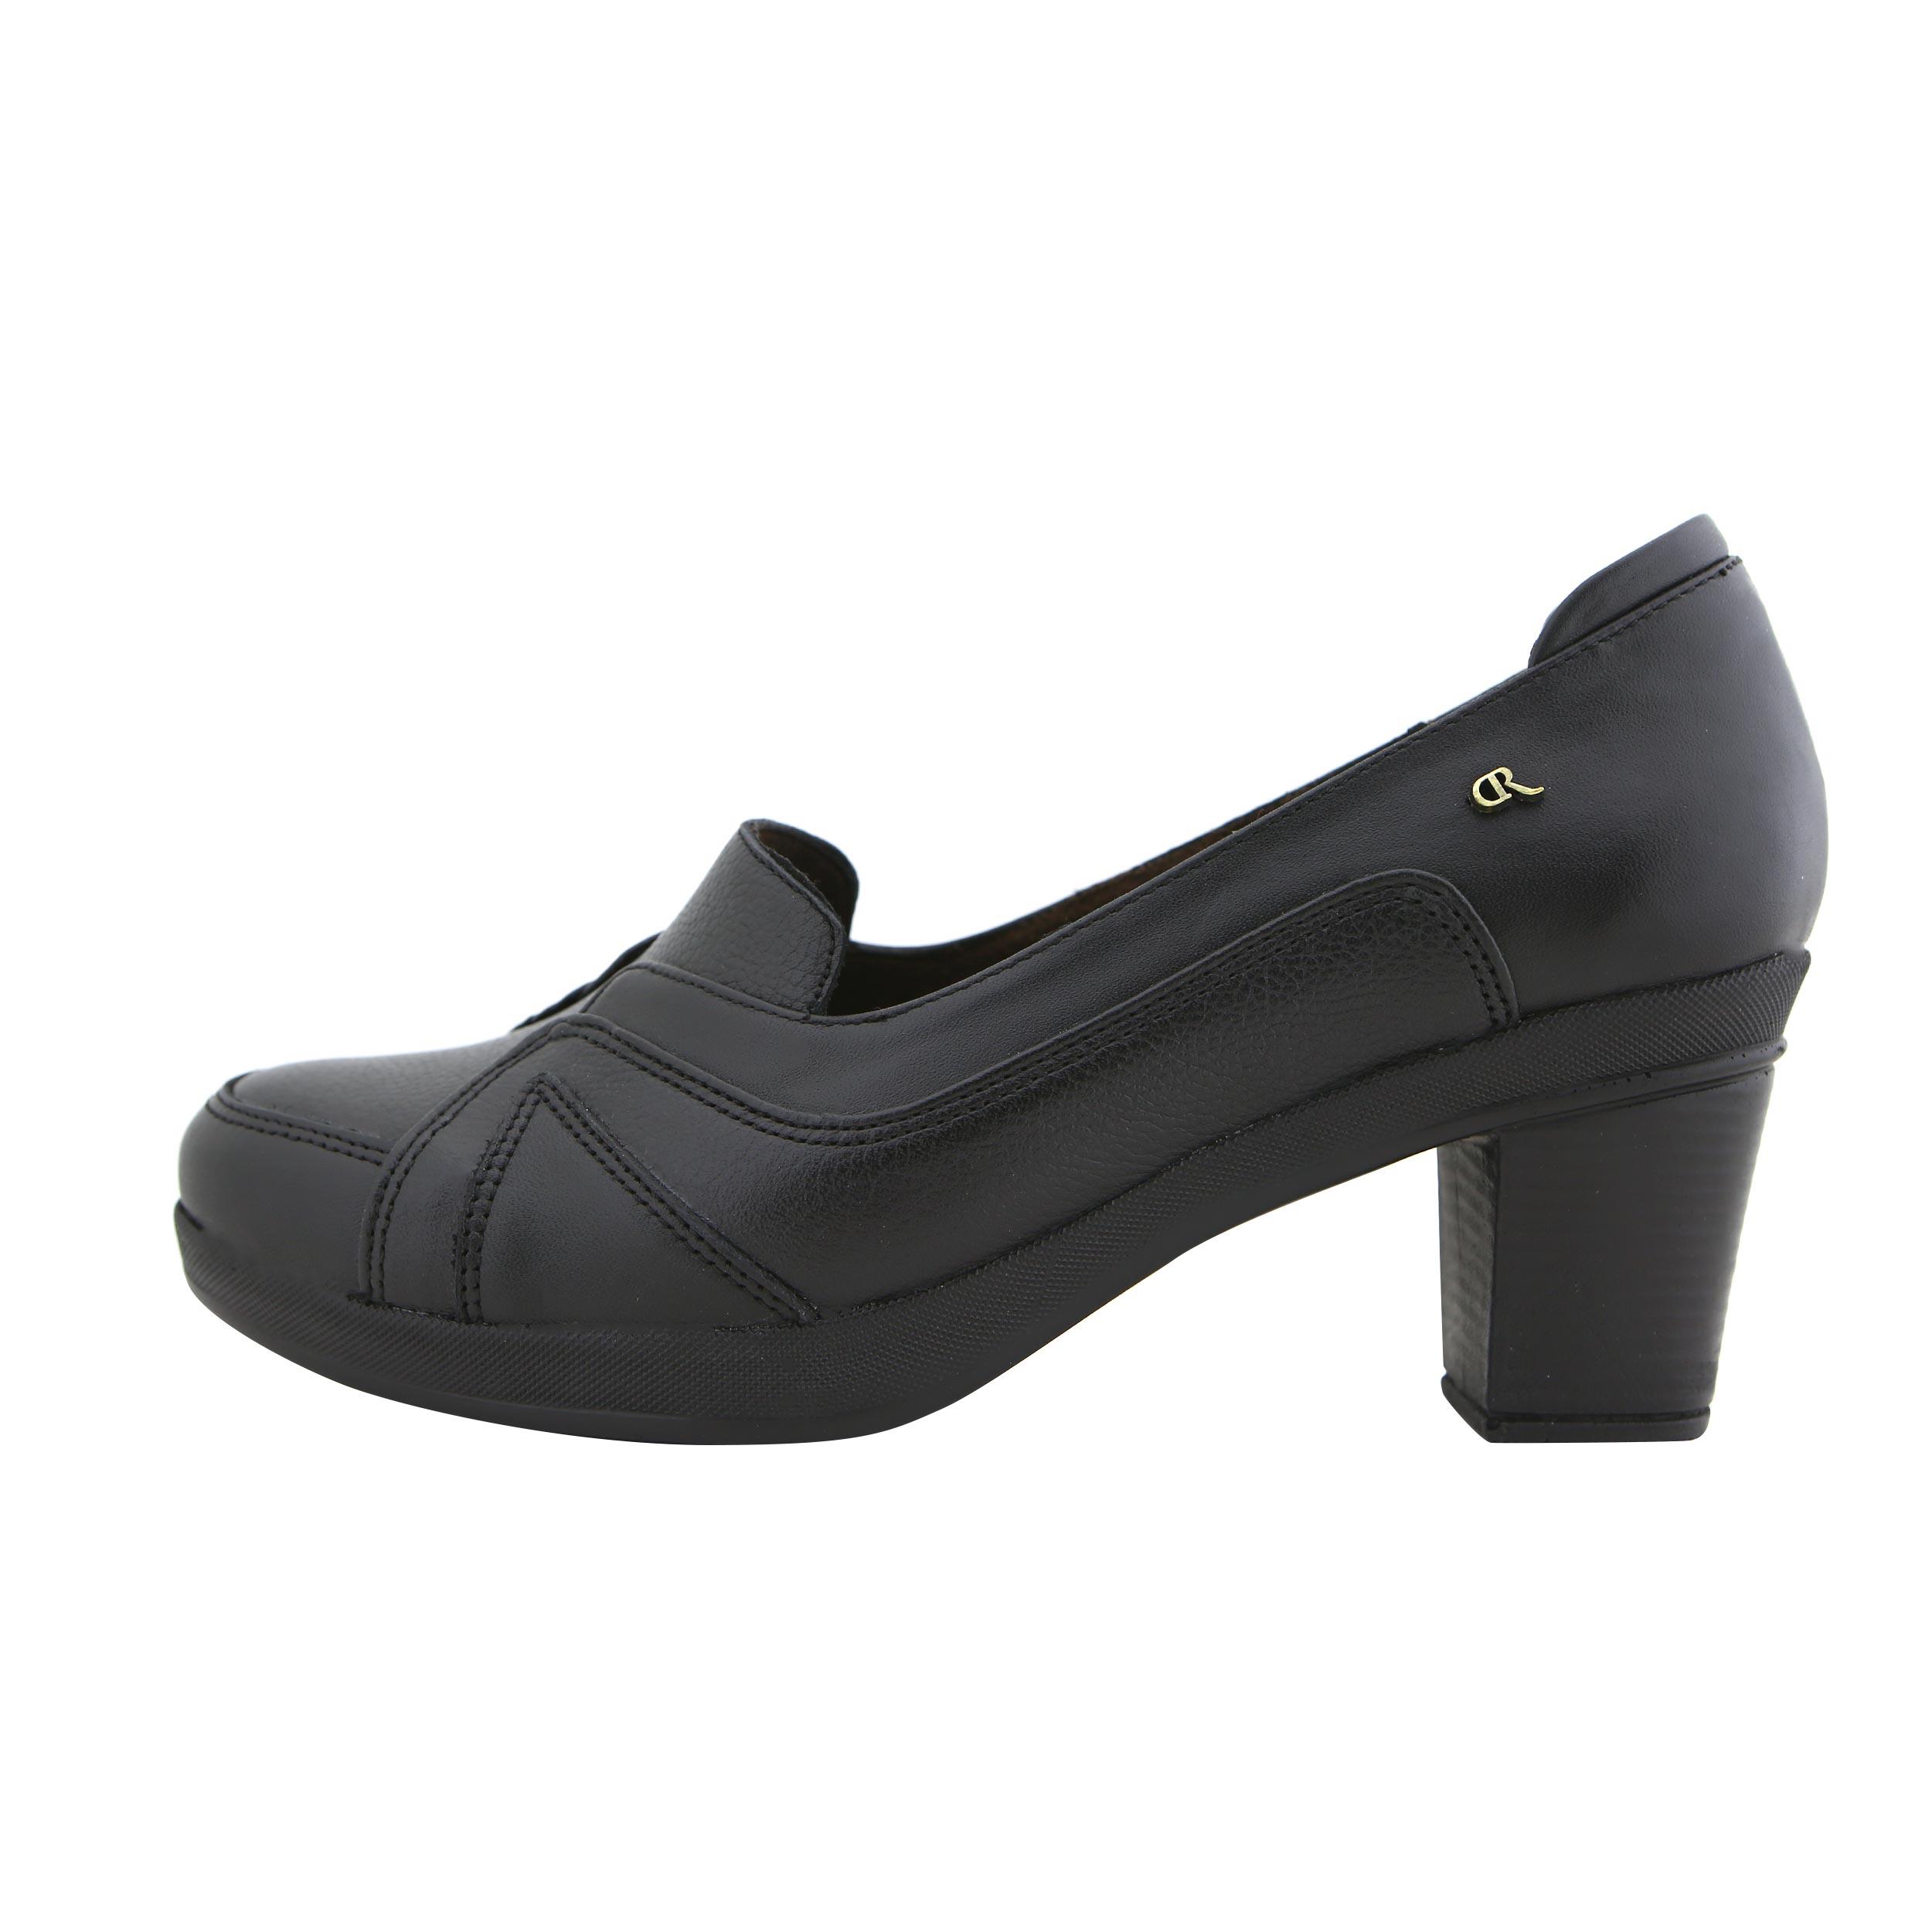 خرید                      کفش زنانه روشن مدل M10 کد 01